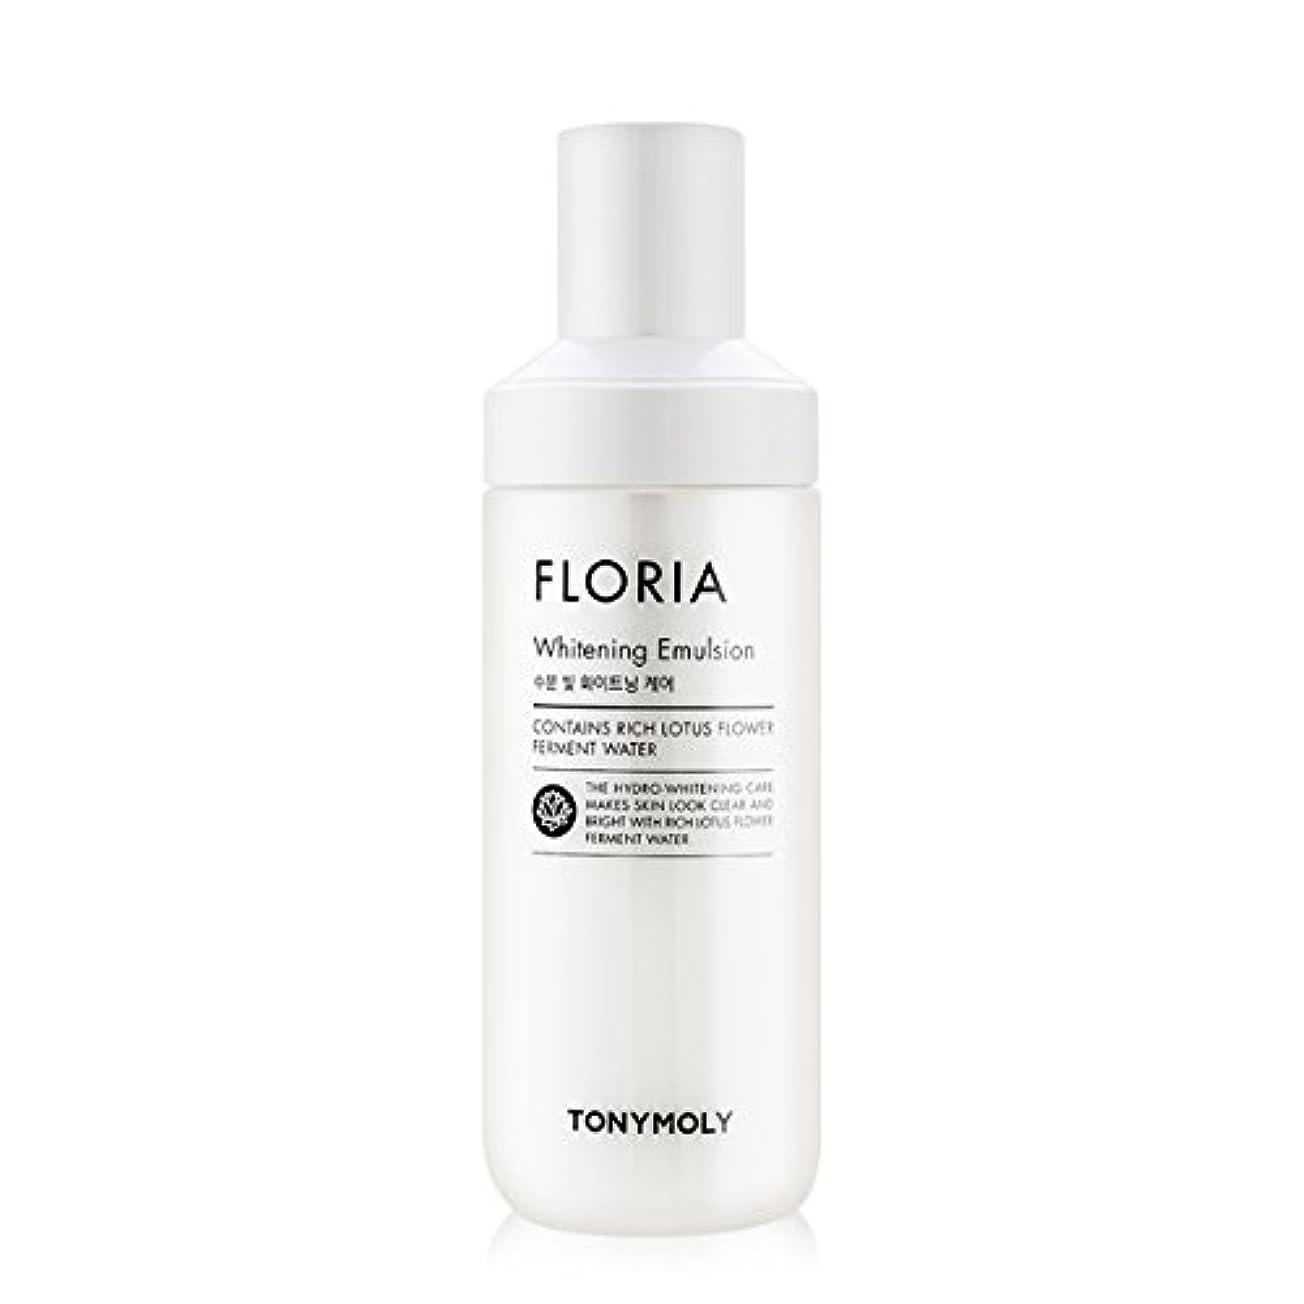 午後サイレント夜[2016 New] TONYMOLY Floria Whitening Emulsion 160ml/トニーモリー フロリア ホワイトニング エマルジョン 160ml [並行輸入品]